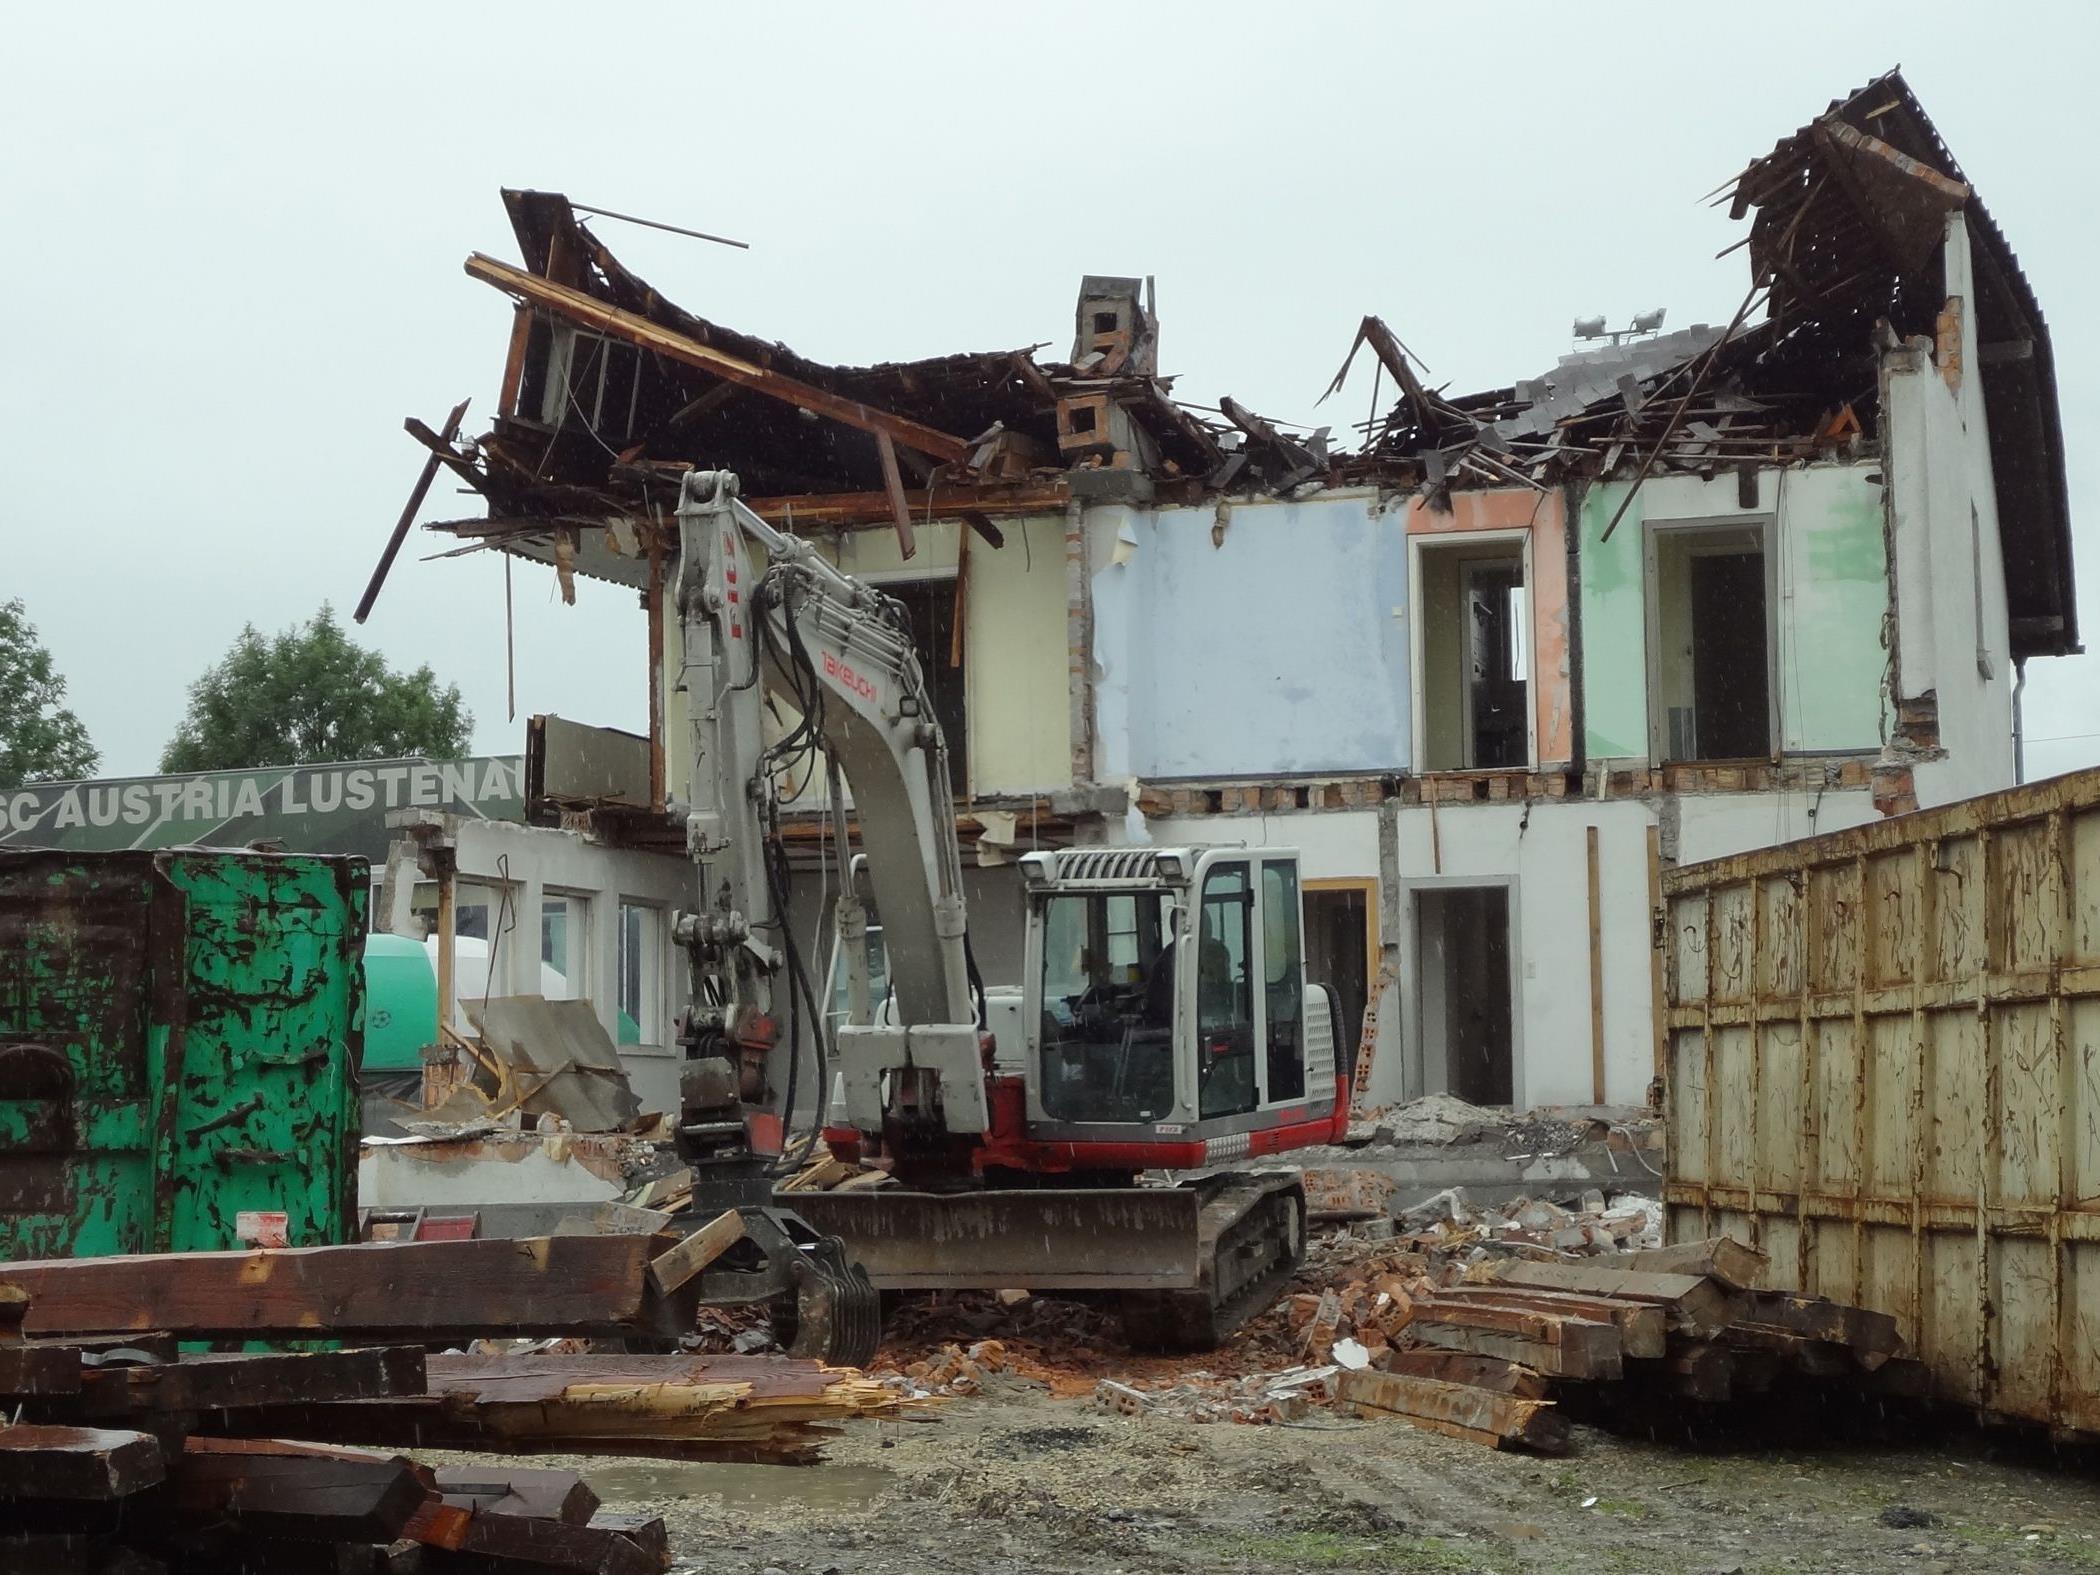 Die Firma Fitz aus Lustenau führt die Abbrucharbeiten durch.